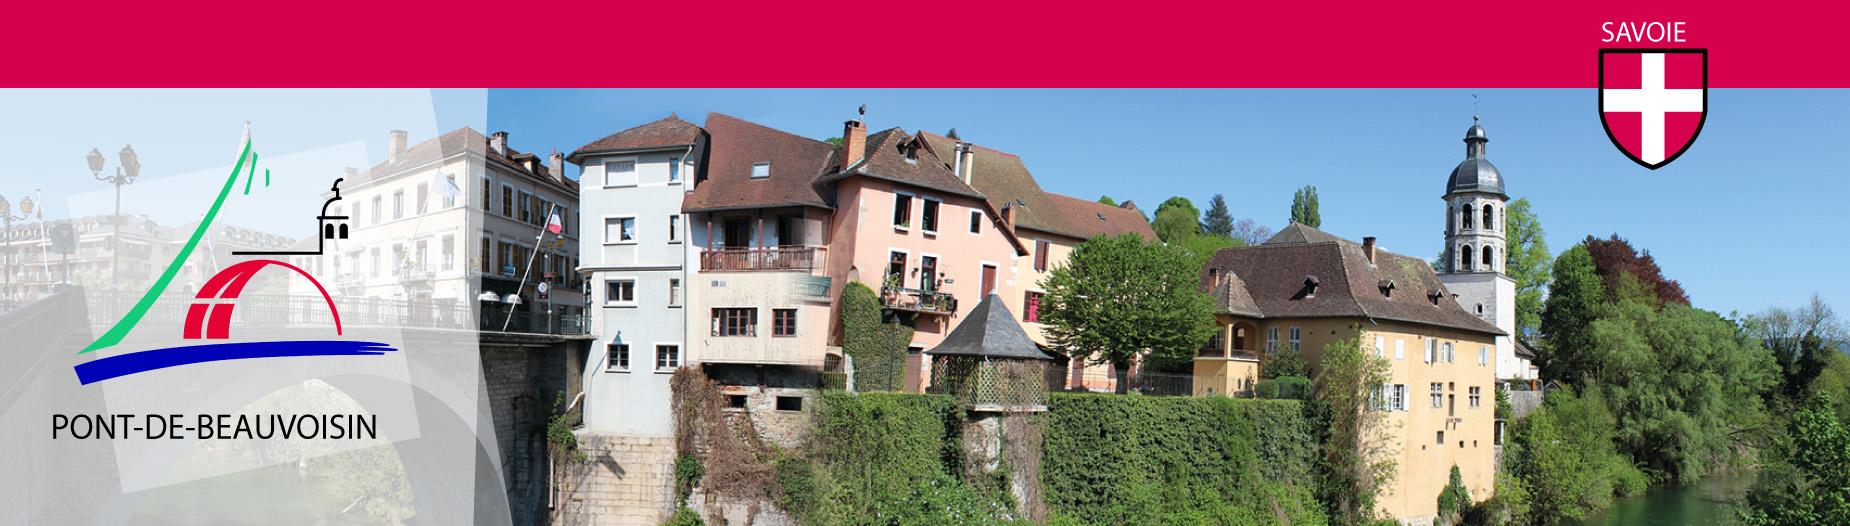 En-tête du site - Bienvenue au Pont-de-Beauvoisin - Site internet de la commune - Savoie, 73330